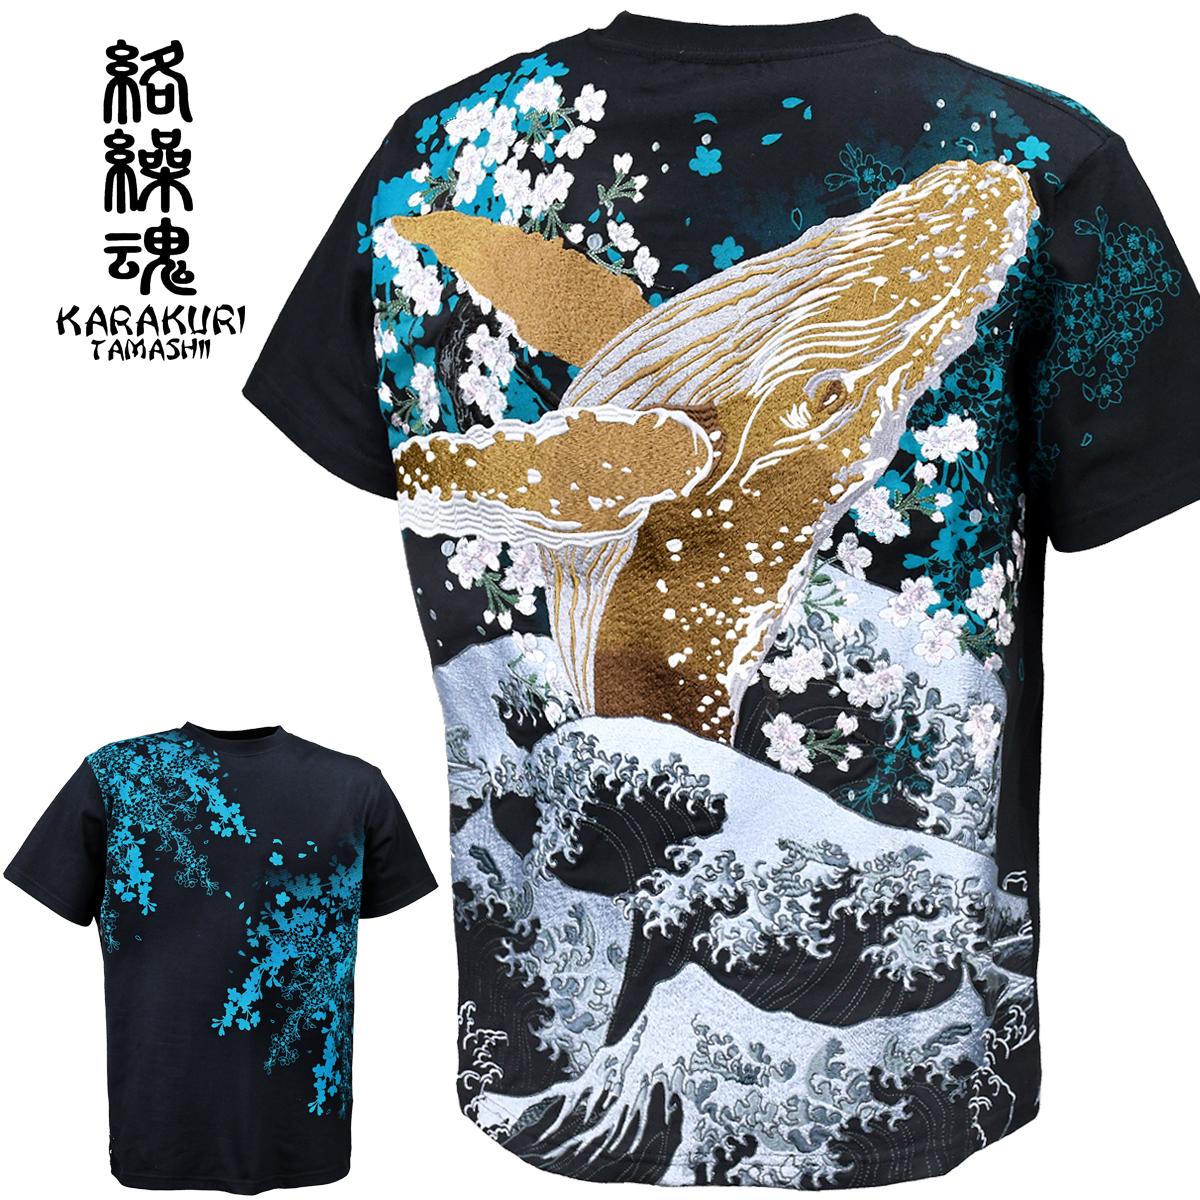 絡繰魂 粋 座頭鯨 Tシャツ クルーネック 和柄 刺繍 メンズ クジラ 桜 半袖 mens(ブラック黒) 202080:BLACK VARIA/ブラックバリア